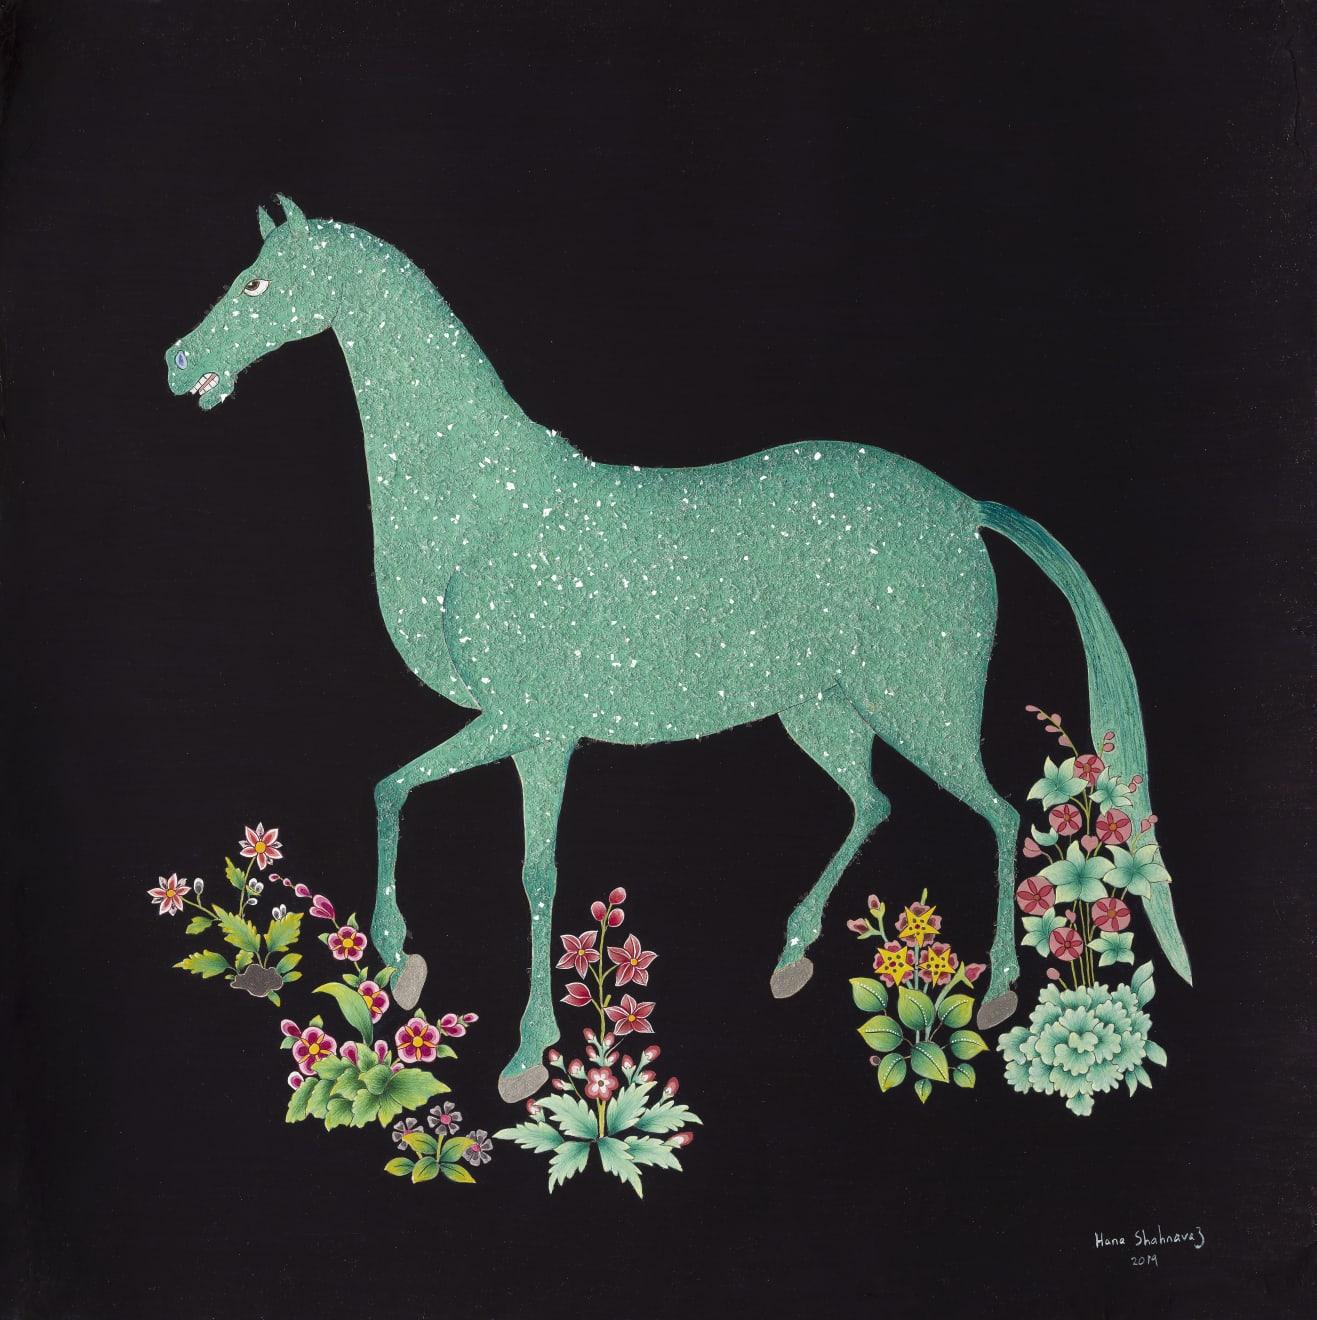 Hana Shahnavaz, Earth Horse , 2019